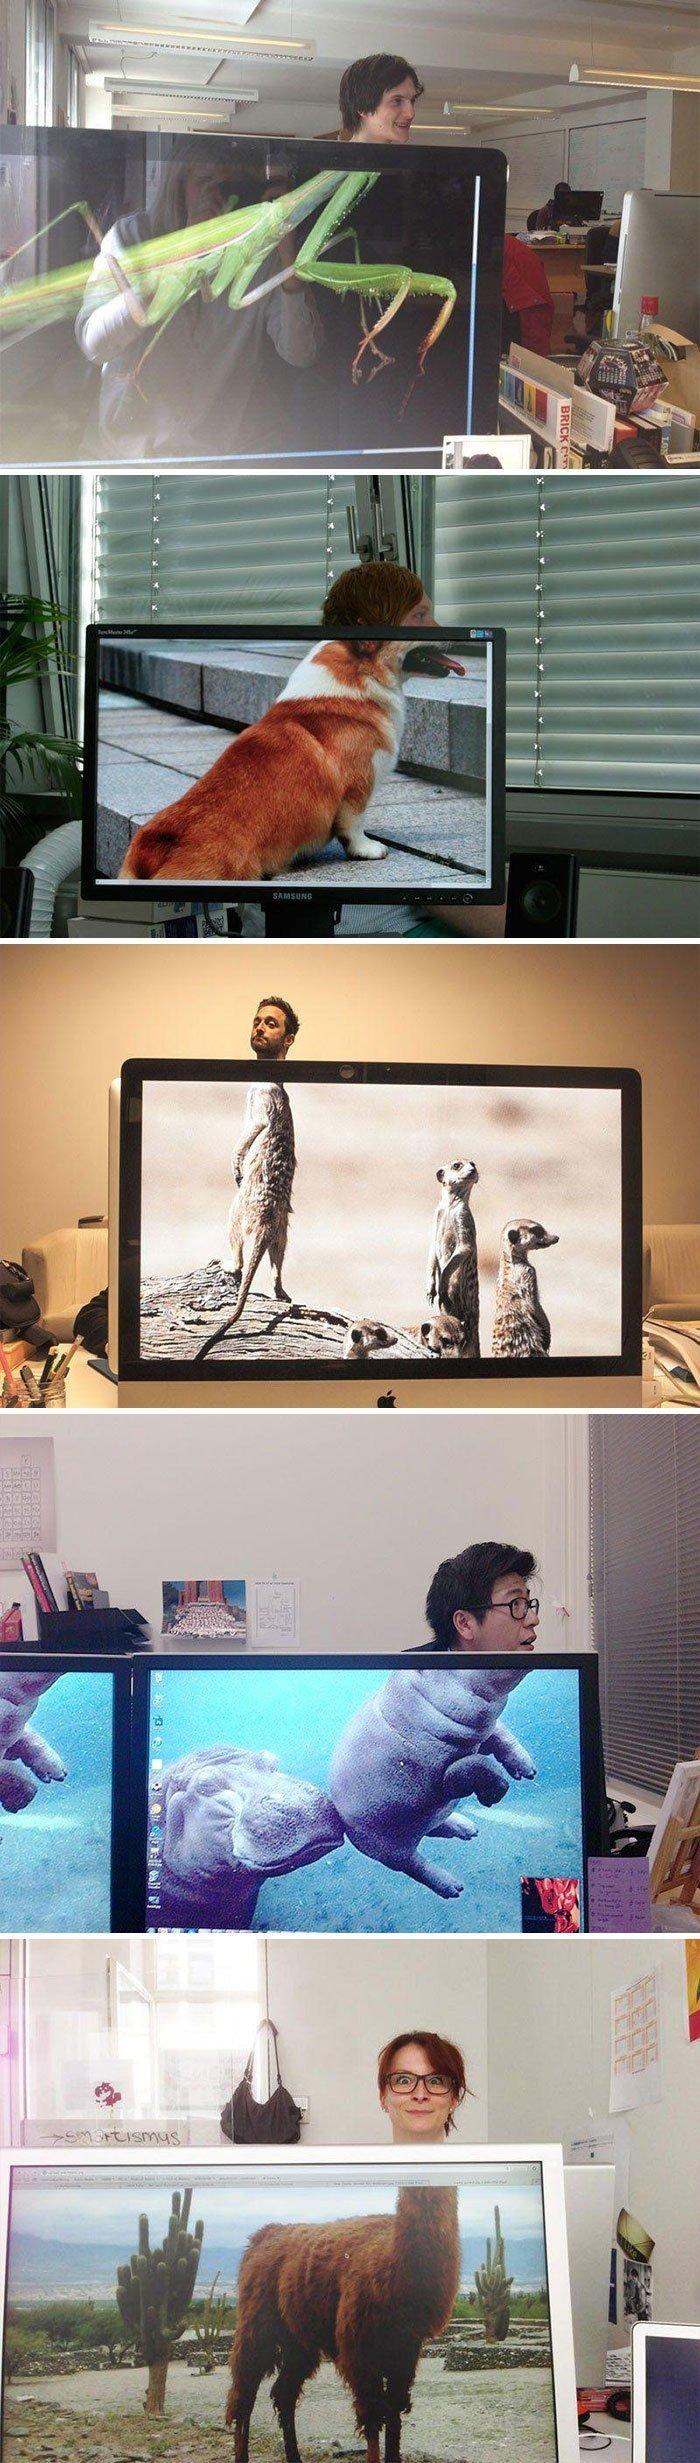 Свой зоопарк заставка, идея, монитор, обои, подборка, рабочий стол, фон, фотография